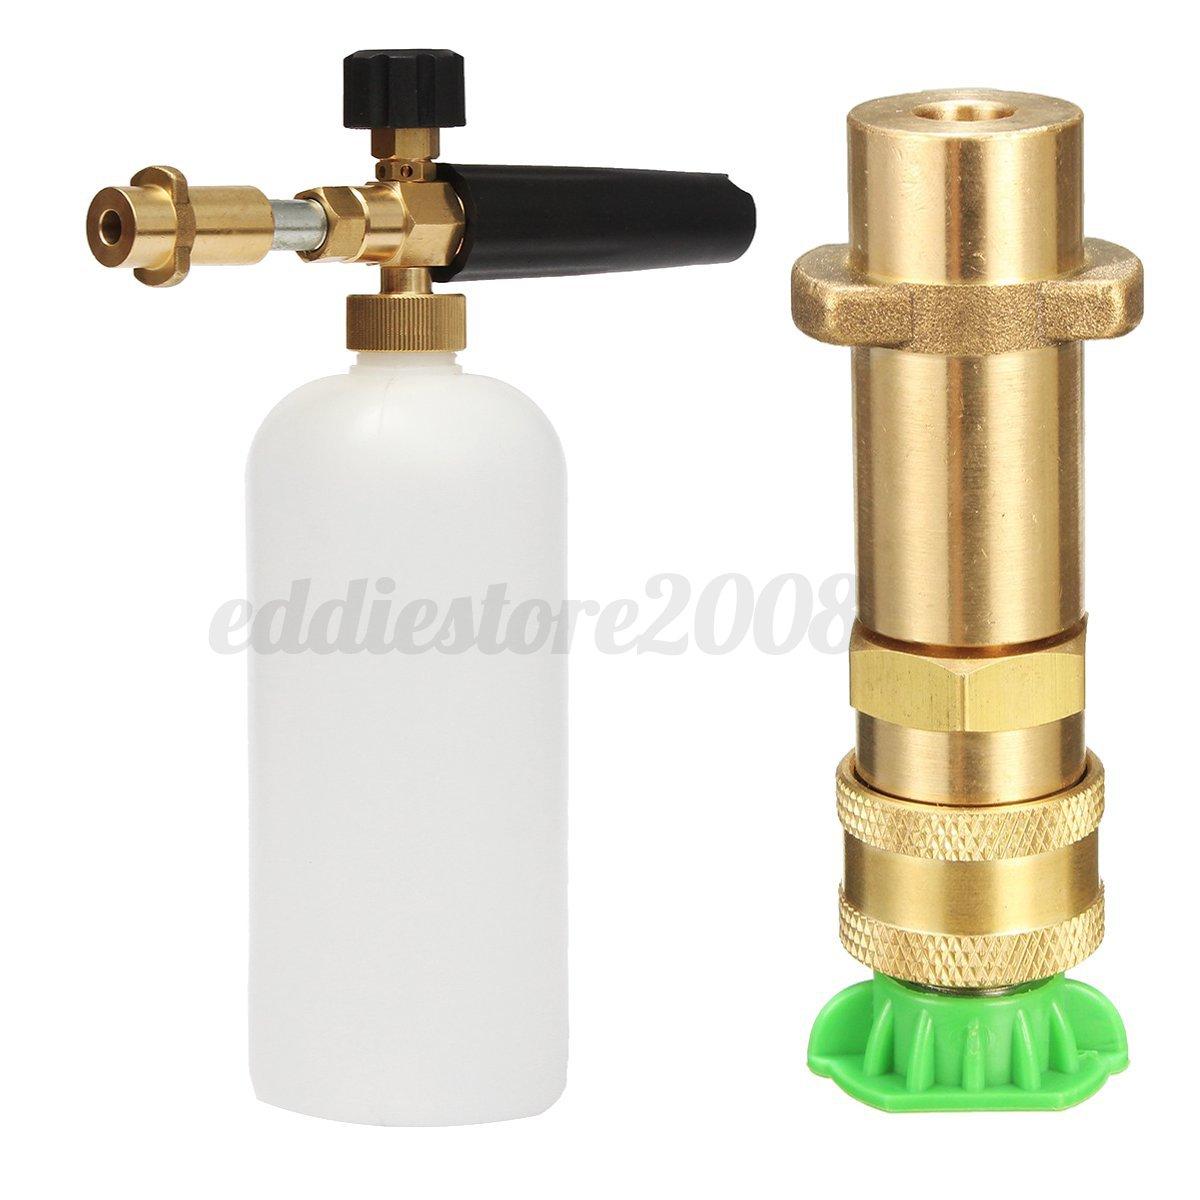 Pressure washer spray snow foam lance gun jet nozzle tips